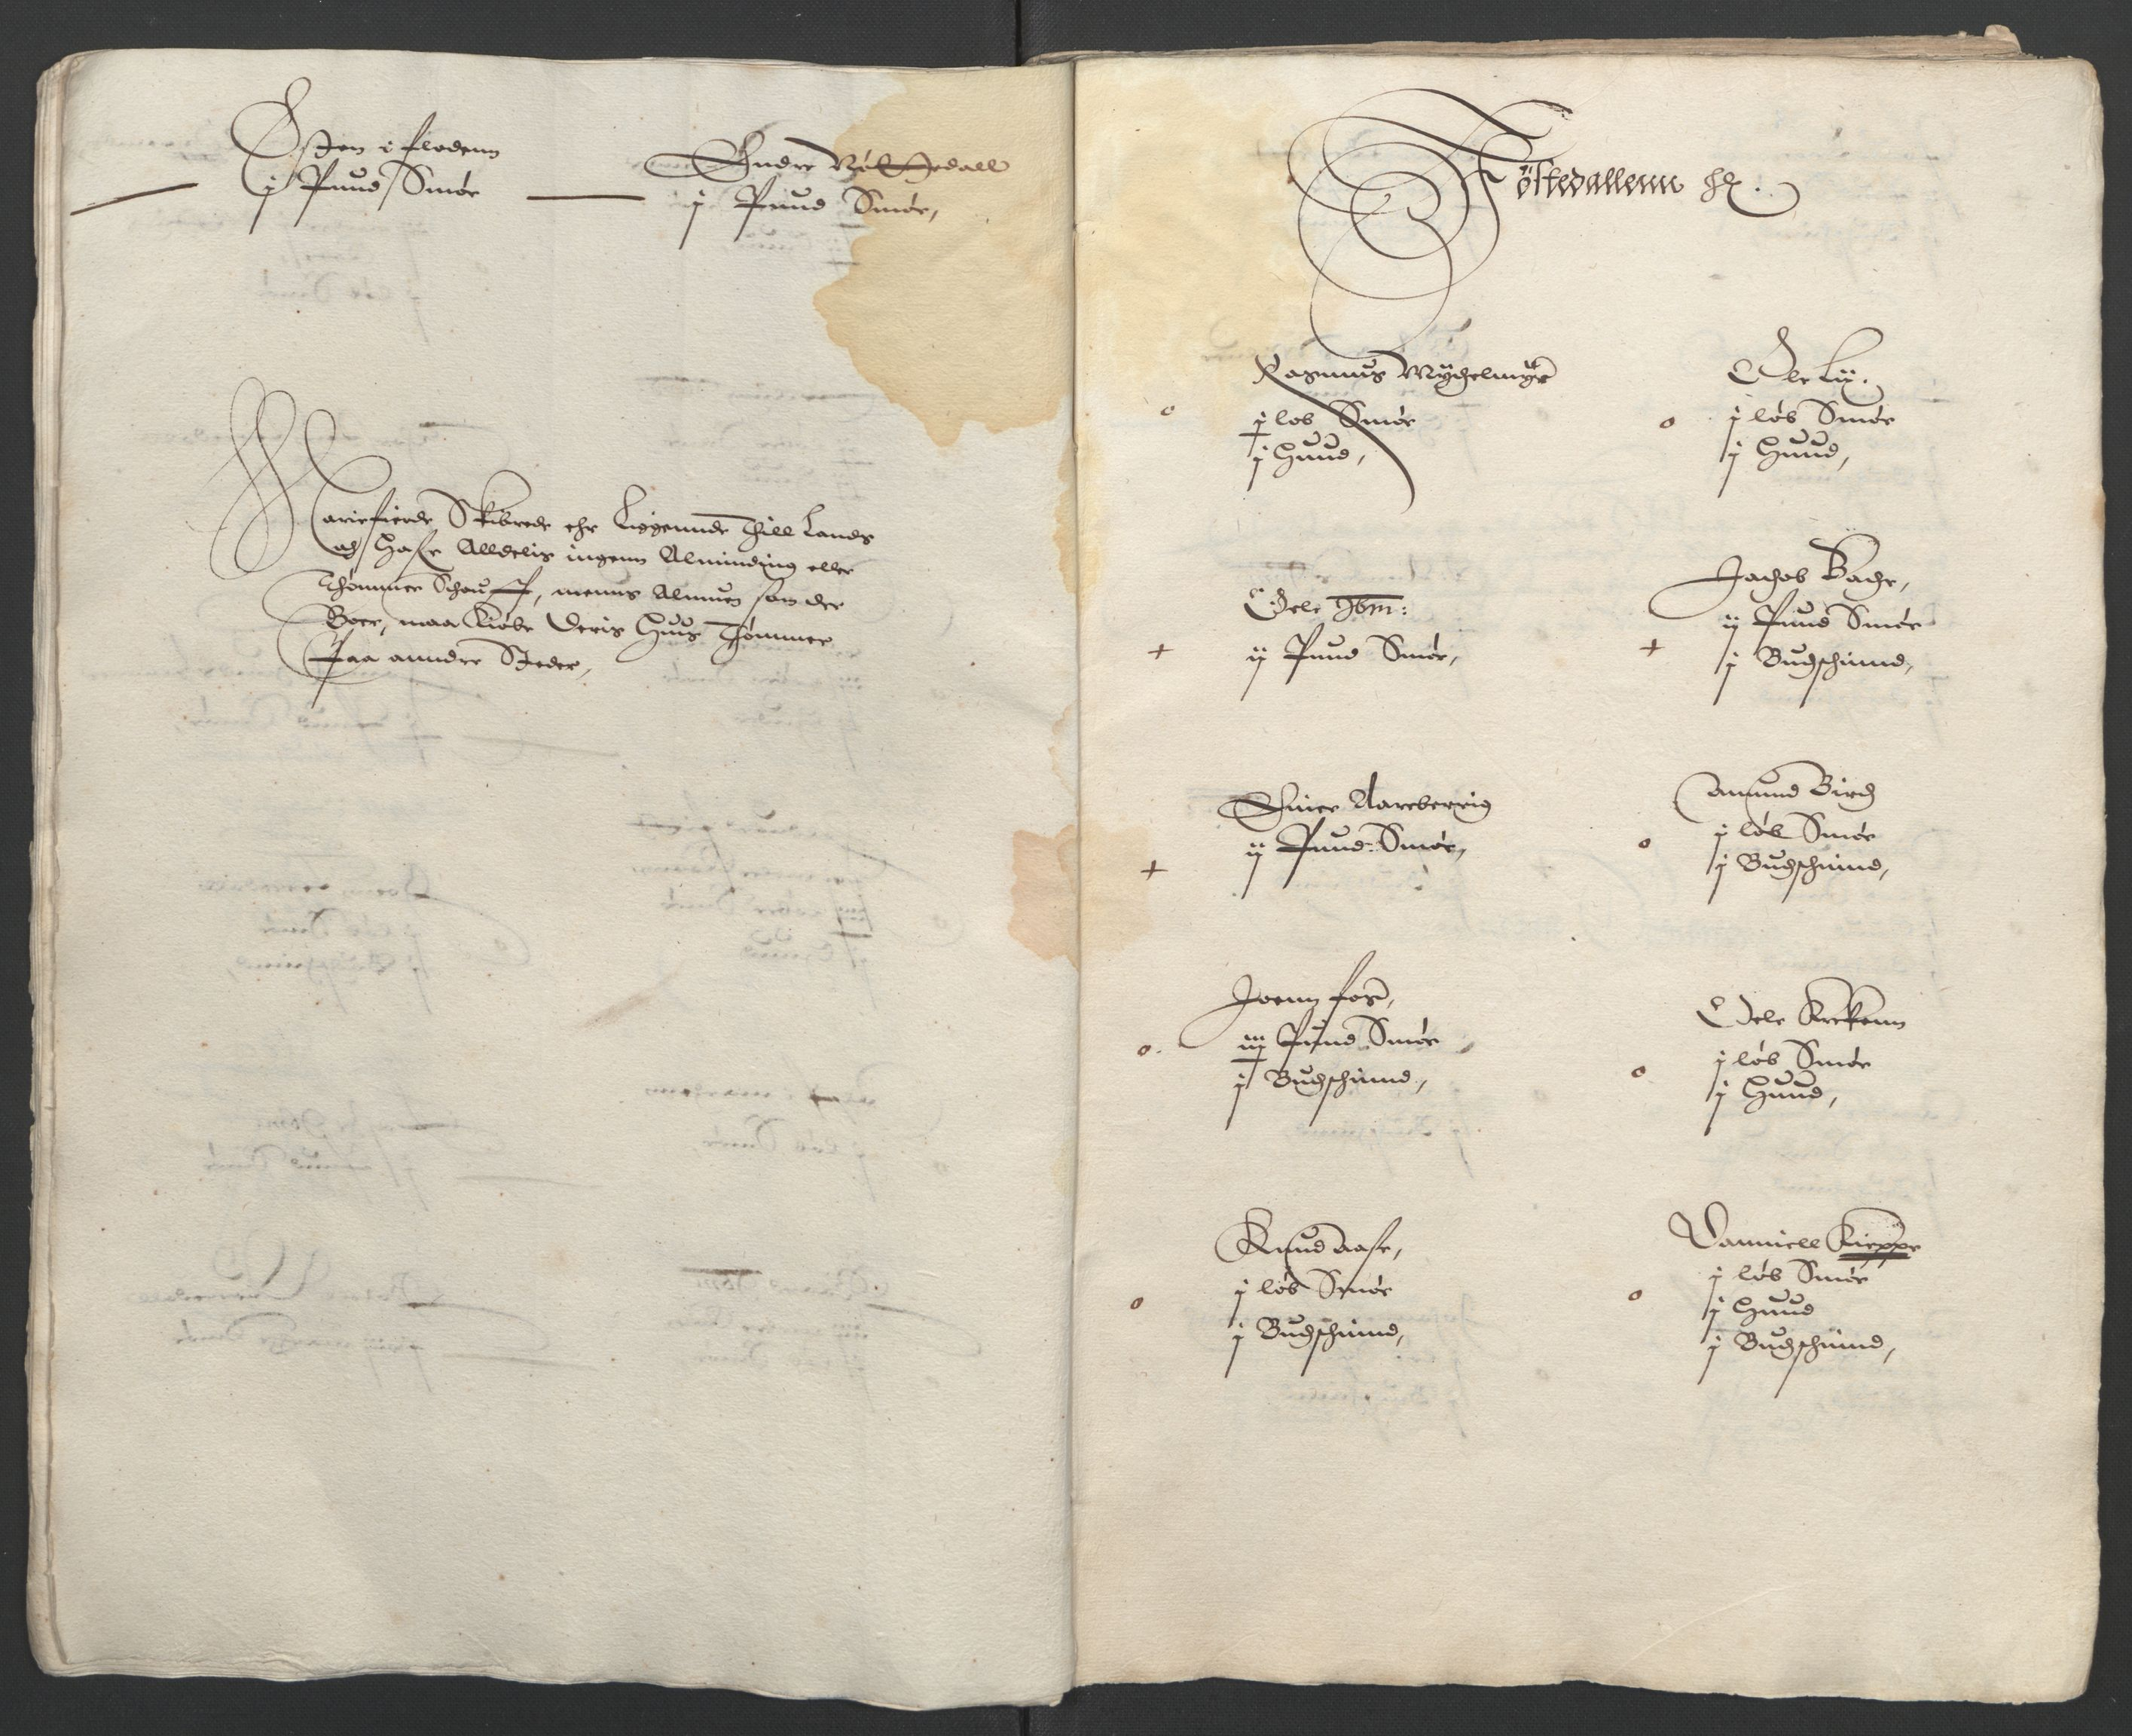 RA, Stattholderembetet 1572-1771, Ek/L0004: Jordebøker til utlikning av garnisonsskatt 1624-1626:, 1626, s. 184